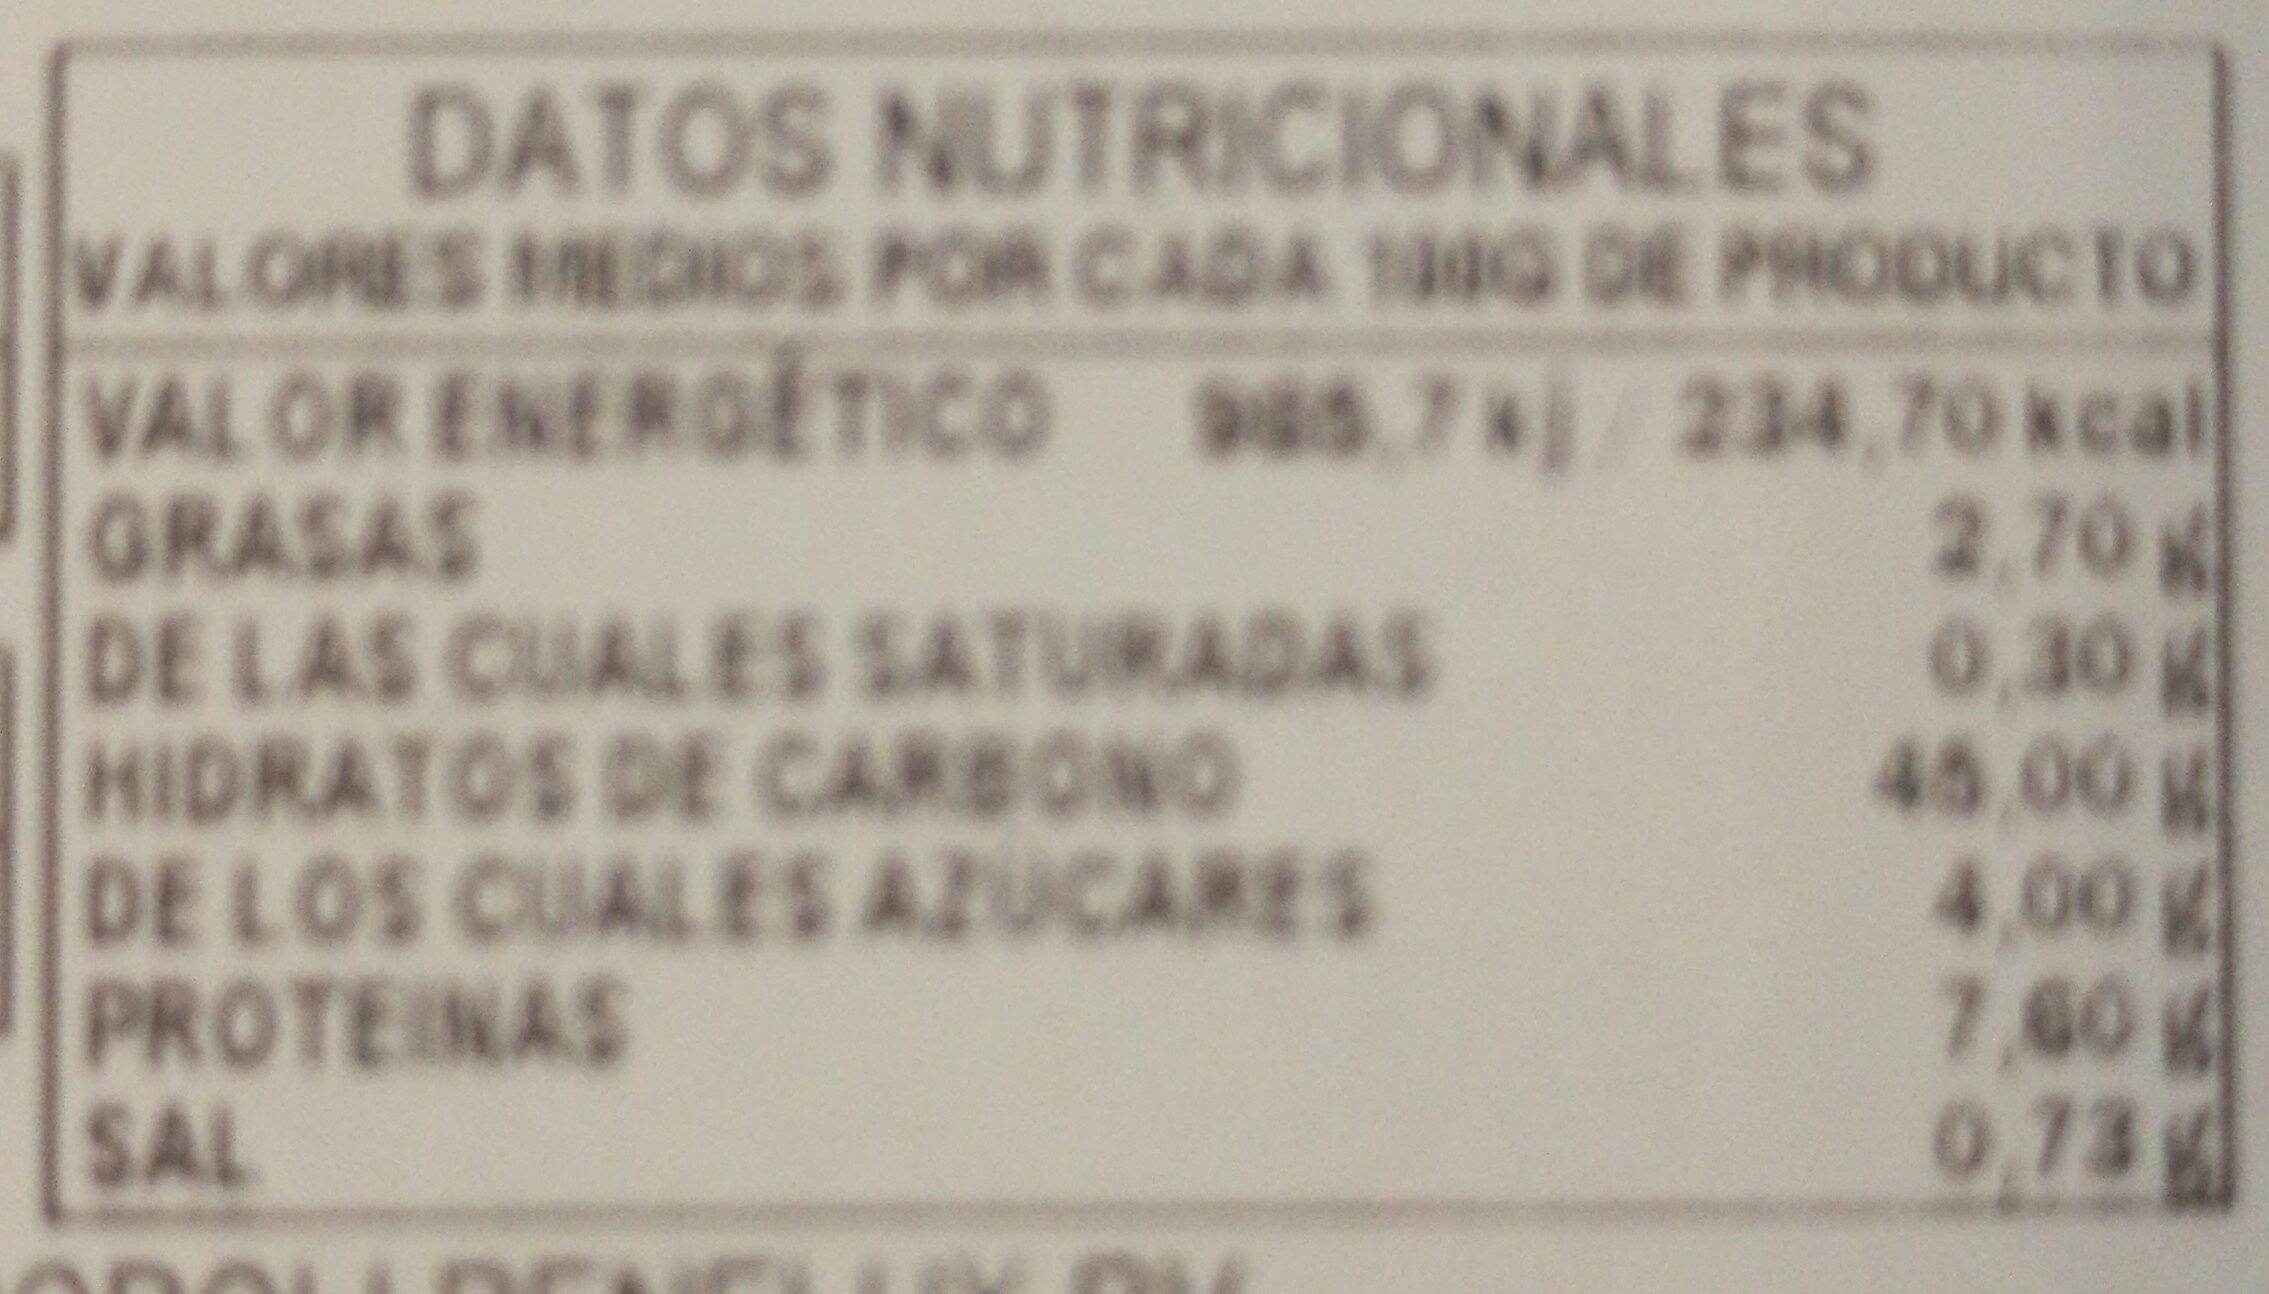 Focaccia de remolacha - Información nutricional - es